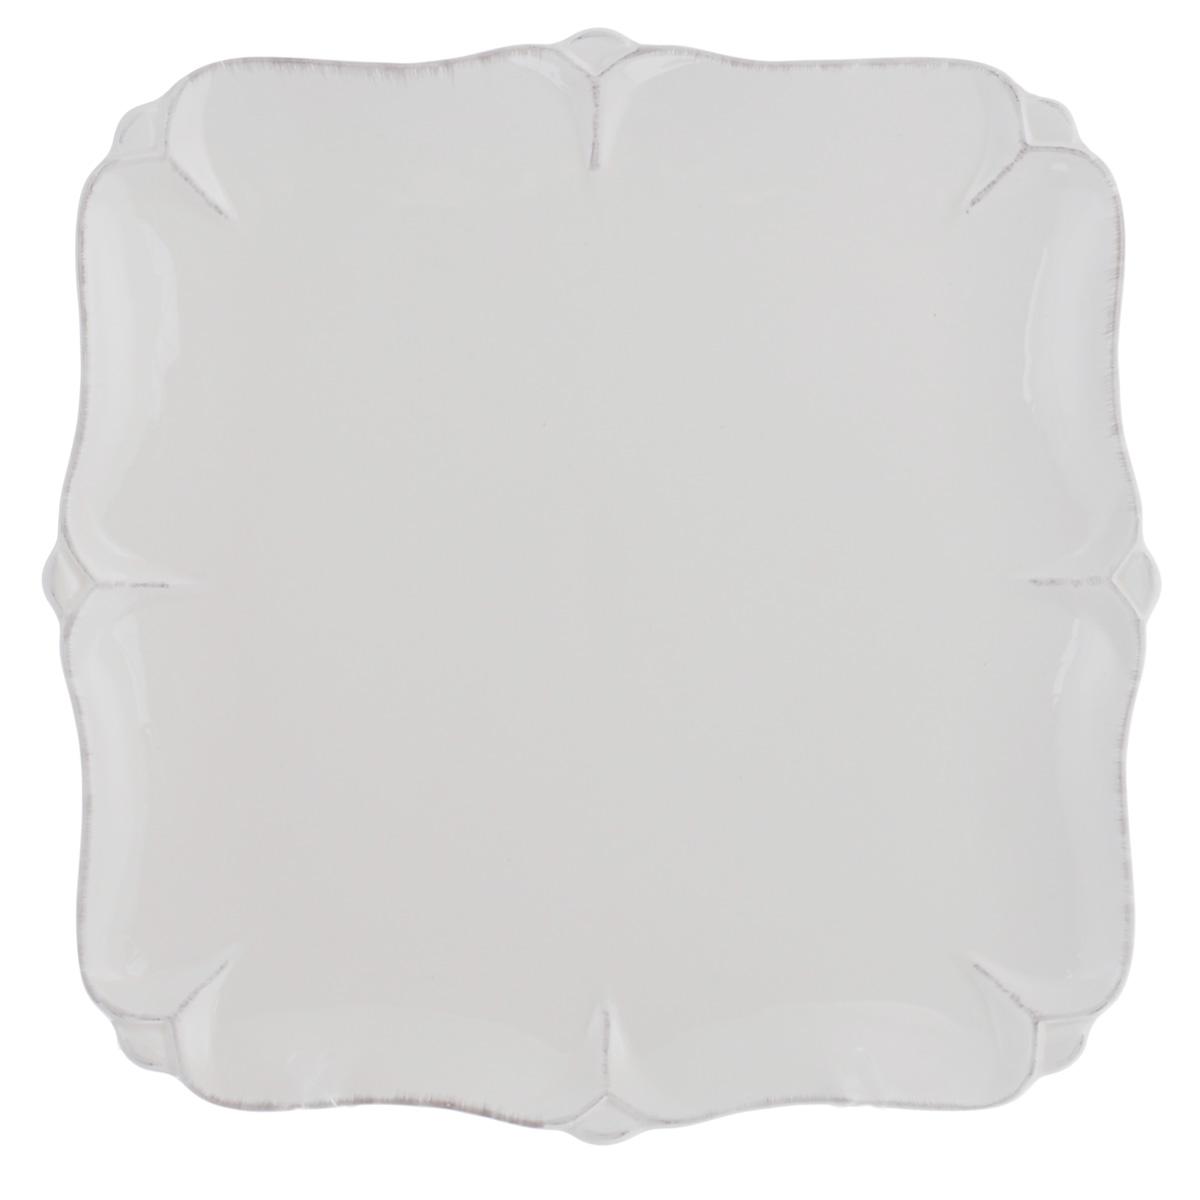 Тарелка Lillo Ideal, цвет: молочный, 25 см х 25 см214207Тарелка Lillo Ideal прекрасно подойдет для сервировки вторых блюд. Изделие изготовлено из керамики и оснащено рельефными неровными краями. Такое оформление придется по вкусу и ценителям классики, и тем, кто предпочитает утонченность и изысканность. Тарелка Lillo Ideal украсит сервировку вашего стола и подчеркнет прекрасный вкус хозяина, а также станет отличным подарком. Можно использовать в посудомоечной машине и микроволновой печи. Размер тарелки (по верхнему краю): 25 см х 25 см.Высота тарелки: 2 см.